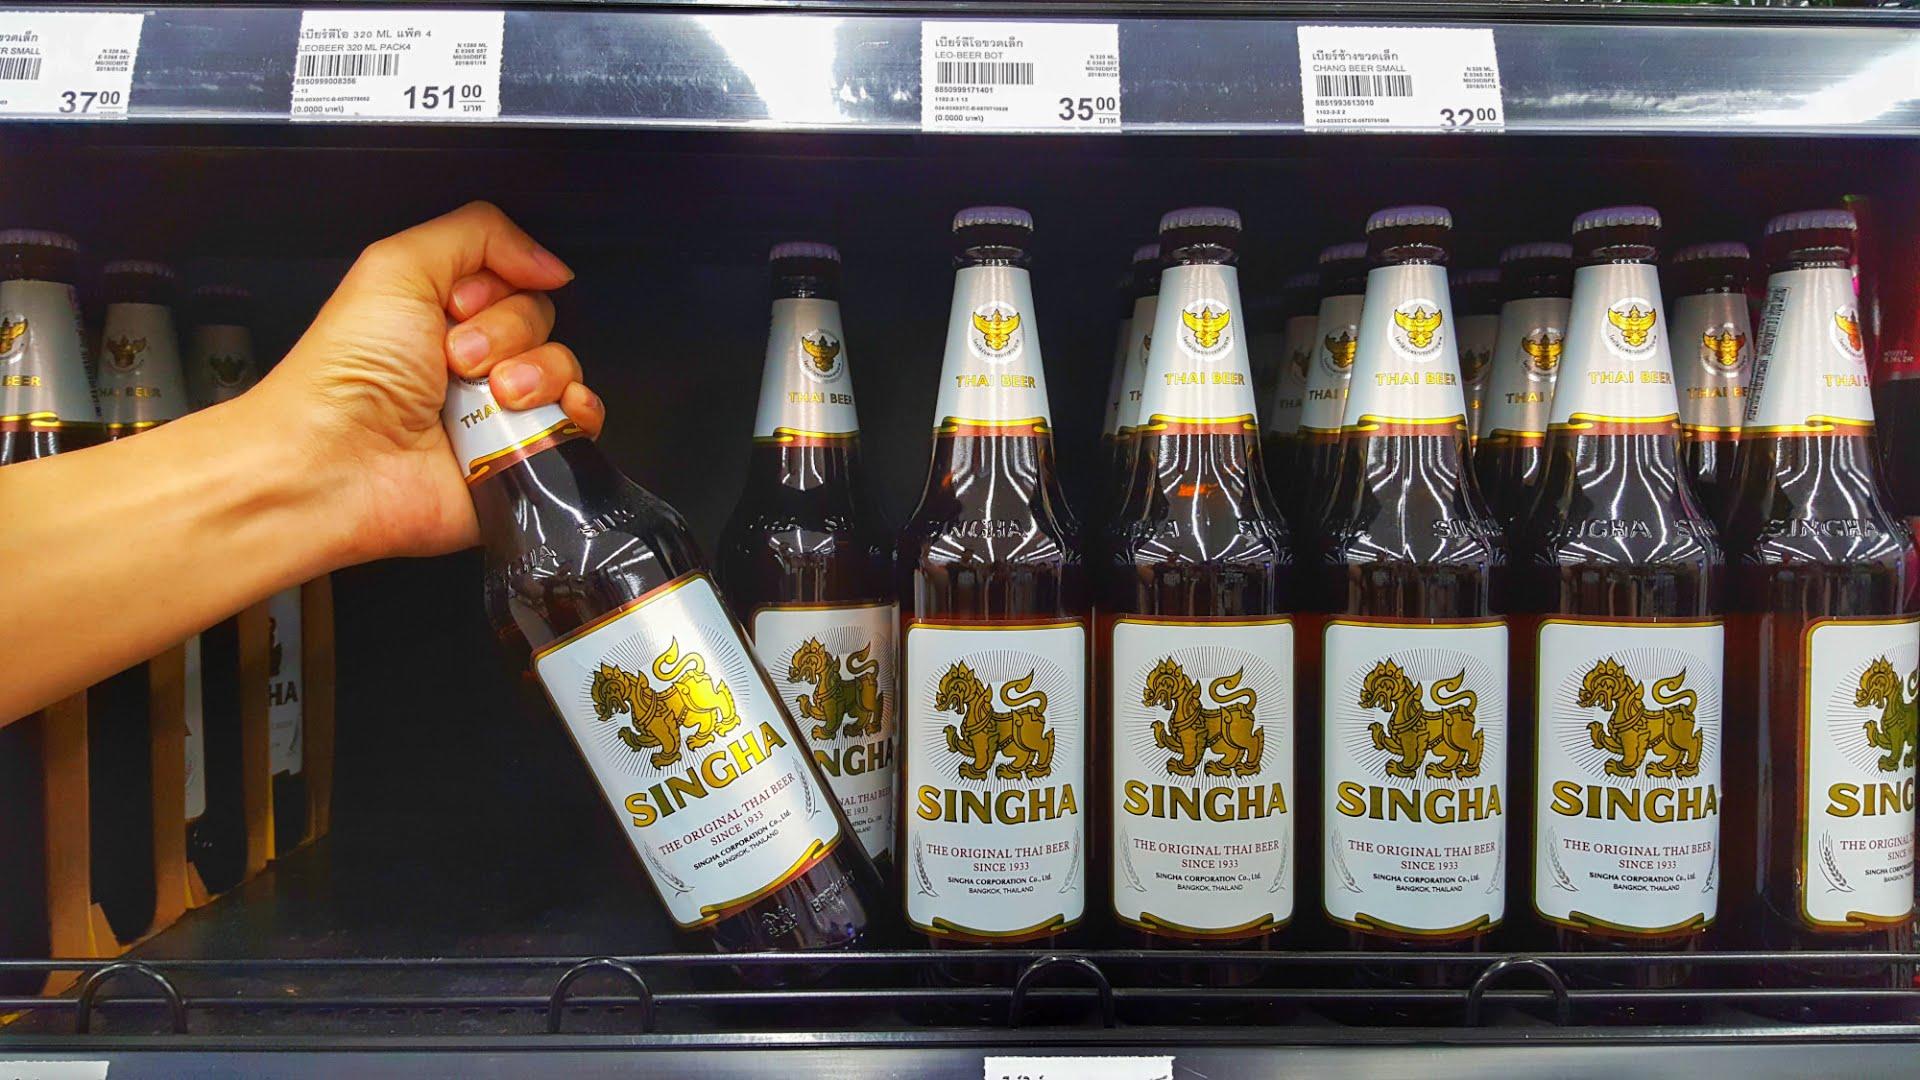 Singha beer is one of three major beer brands in Thailand. Photo: Shutterstock